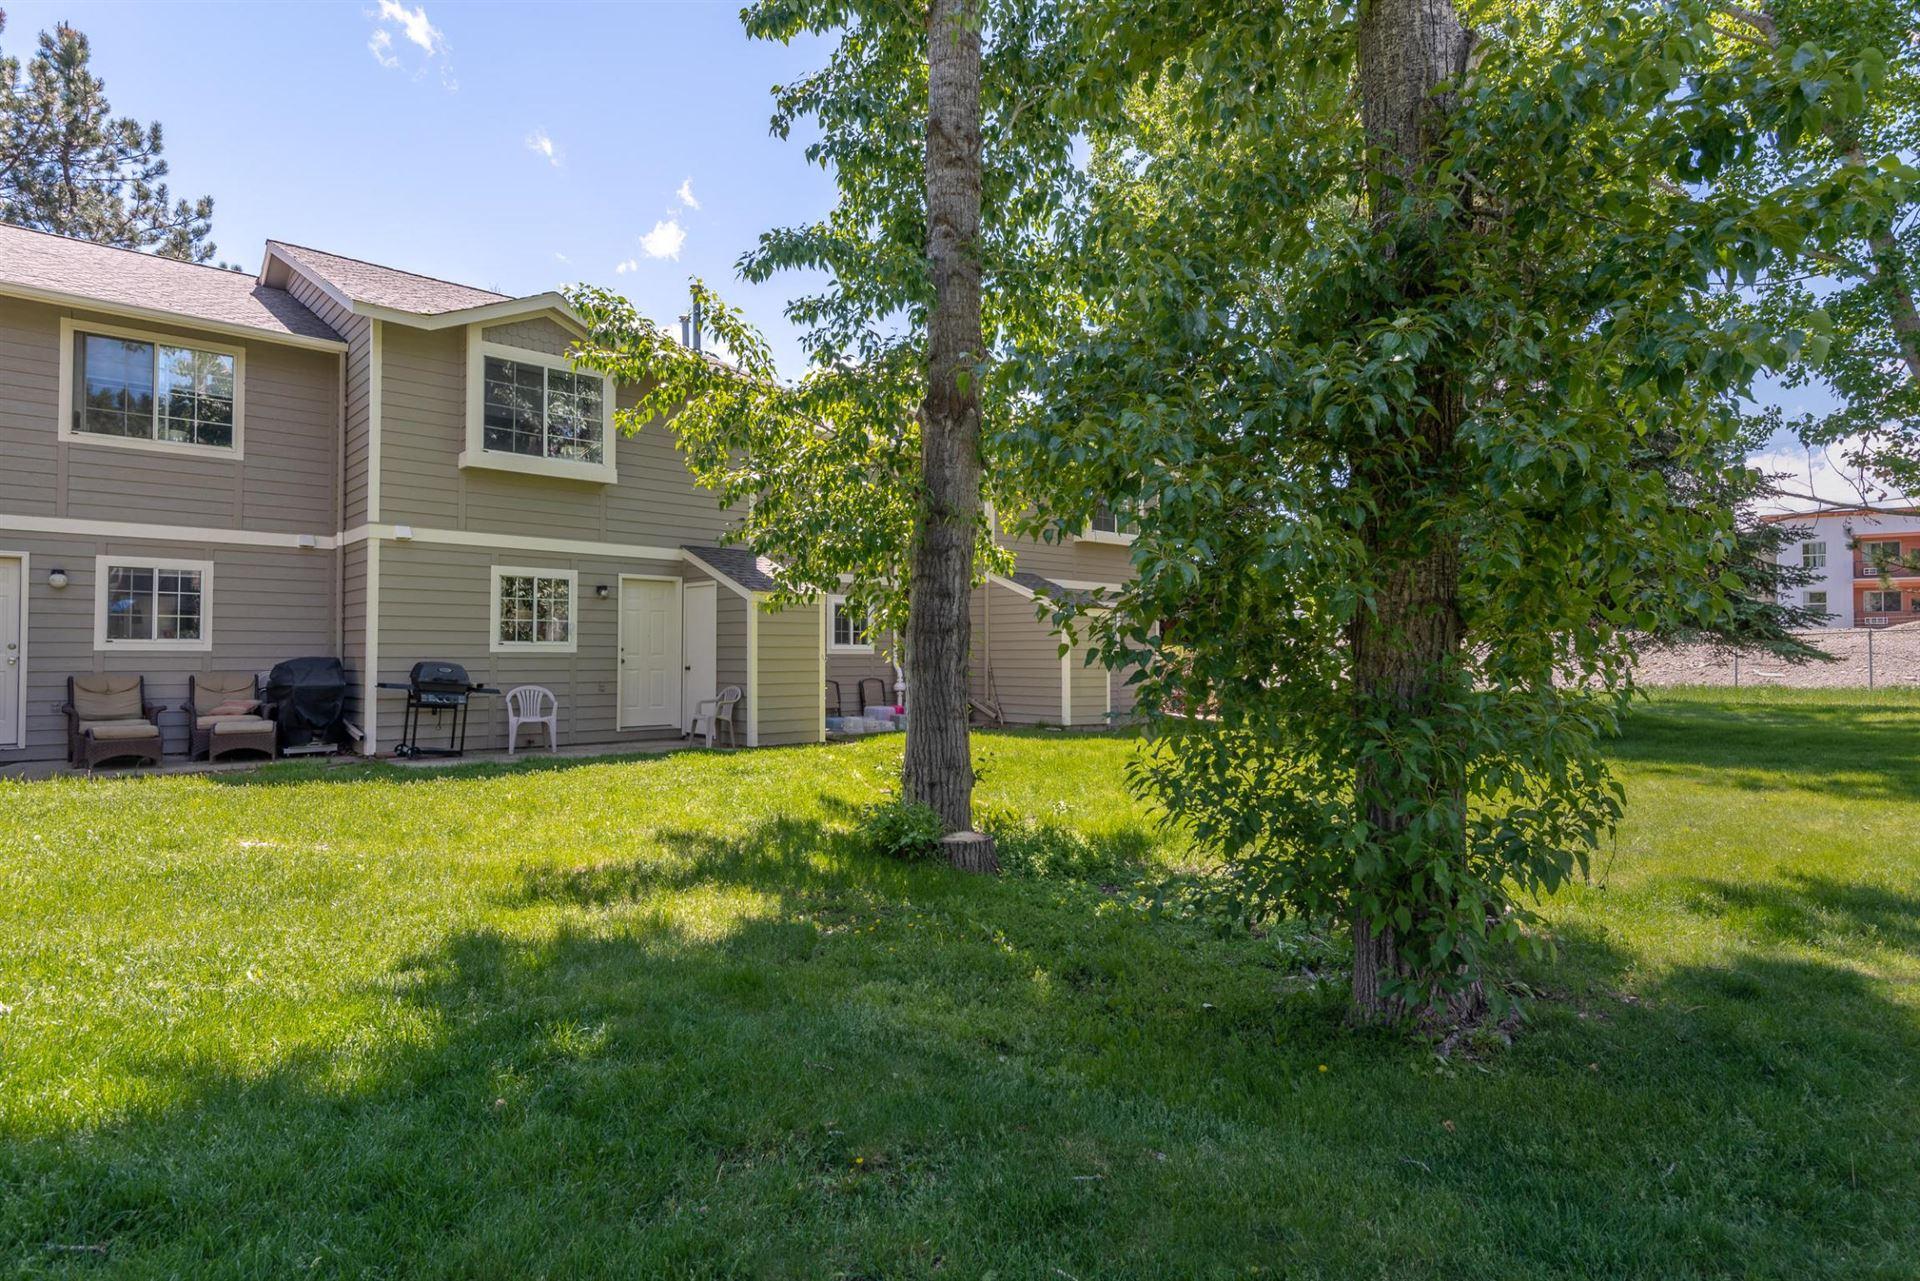 Photo of 2805 Lowridge Court Unit 3, Missoula, MT 59808 (MLS # 22108846)